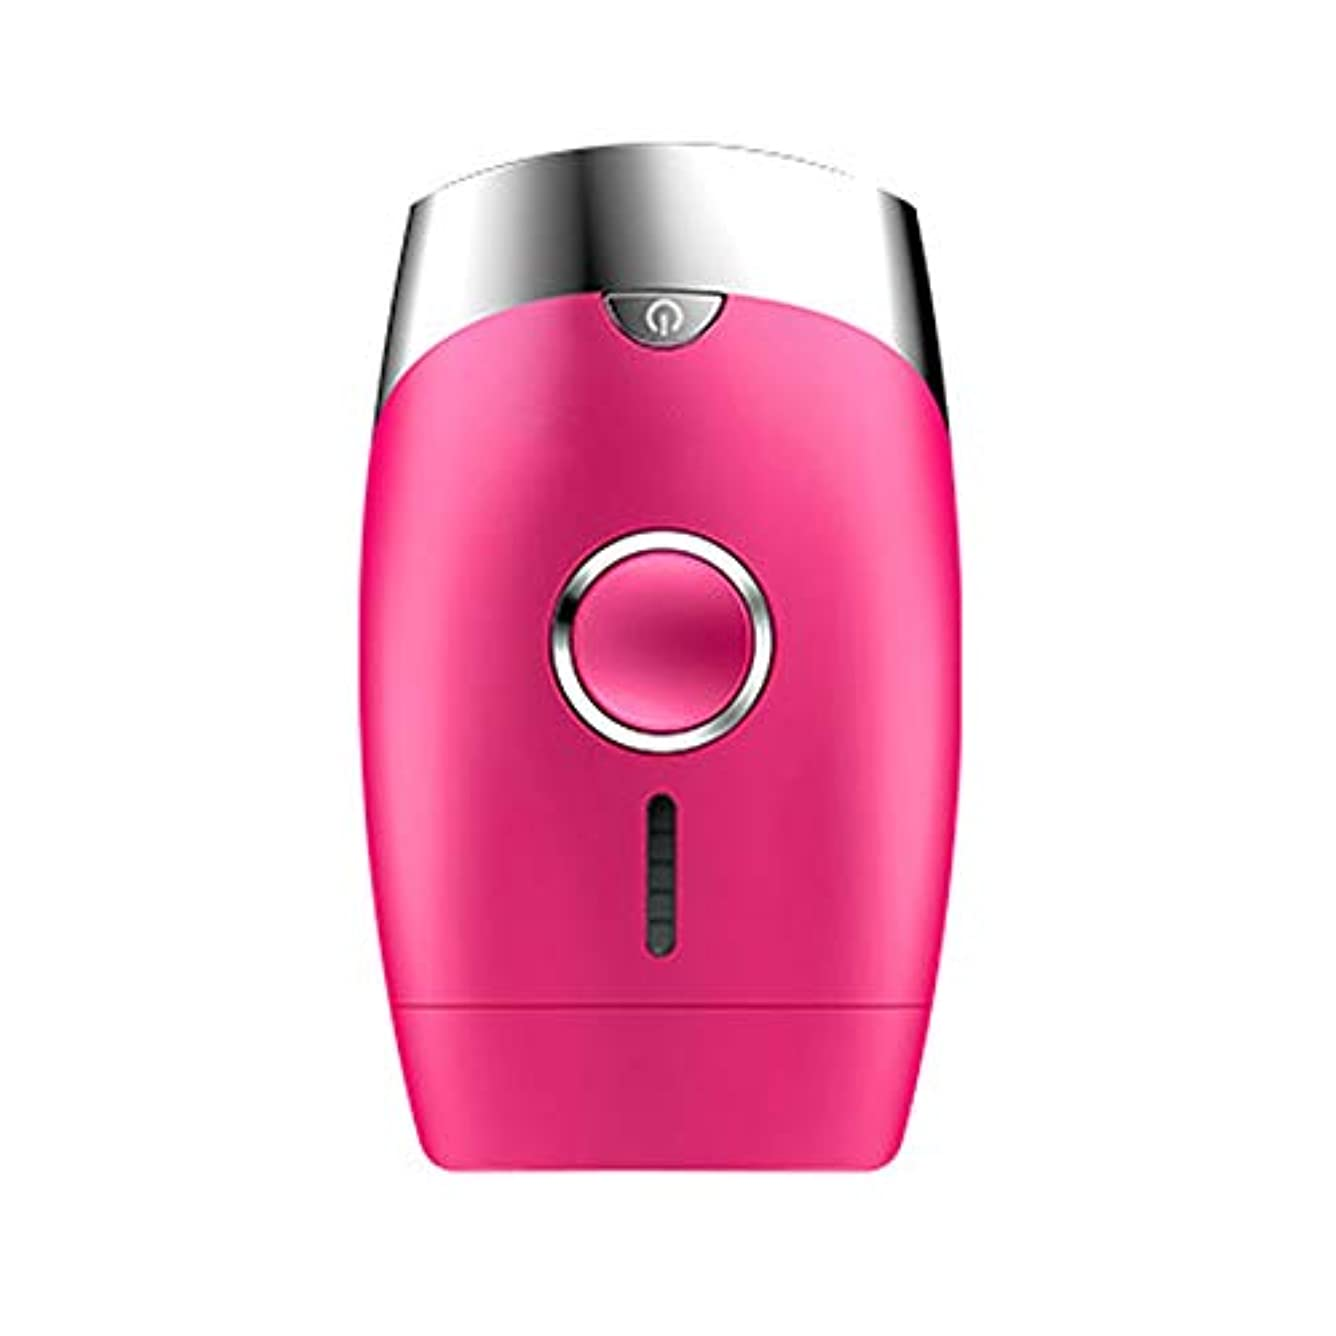 ラップありそうお願いしますピンク、5スピード調整、インテリジェント家庭用痛みのない凝固点ヘアリムーバー、シングルフラッシュ/連続フラッシュ、サイズ13.9 X 8.3 X 4.8 Cm 髪以外はきれい (Color : Pink)